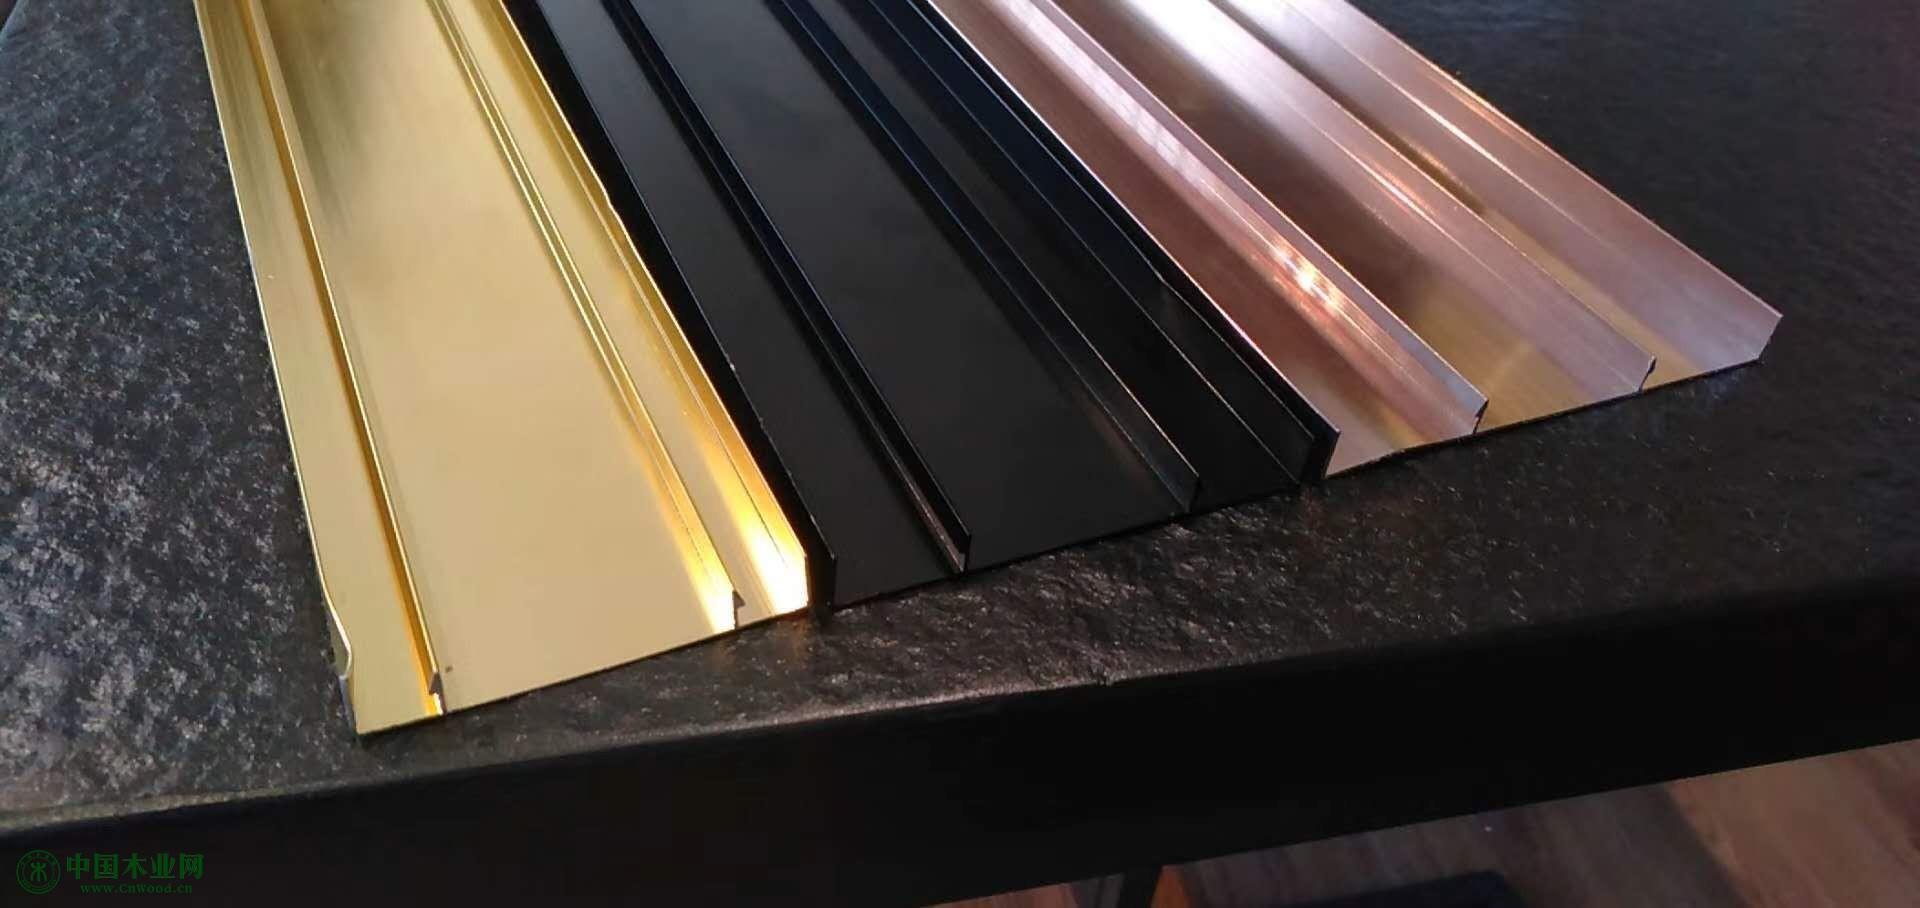 新型墙面装饰铝合金线材料